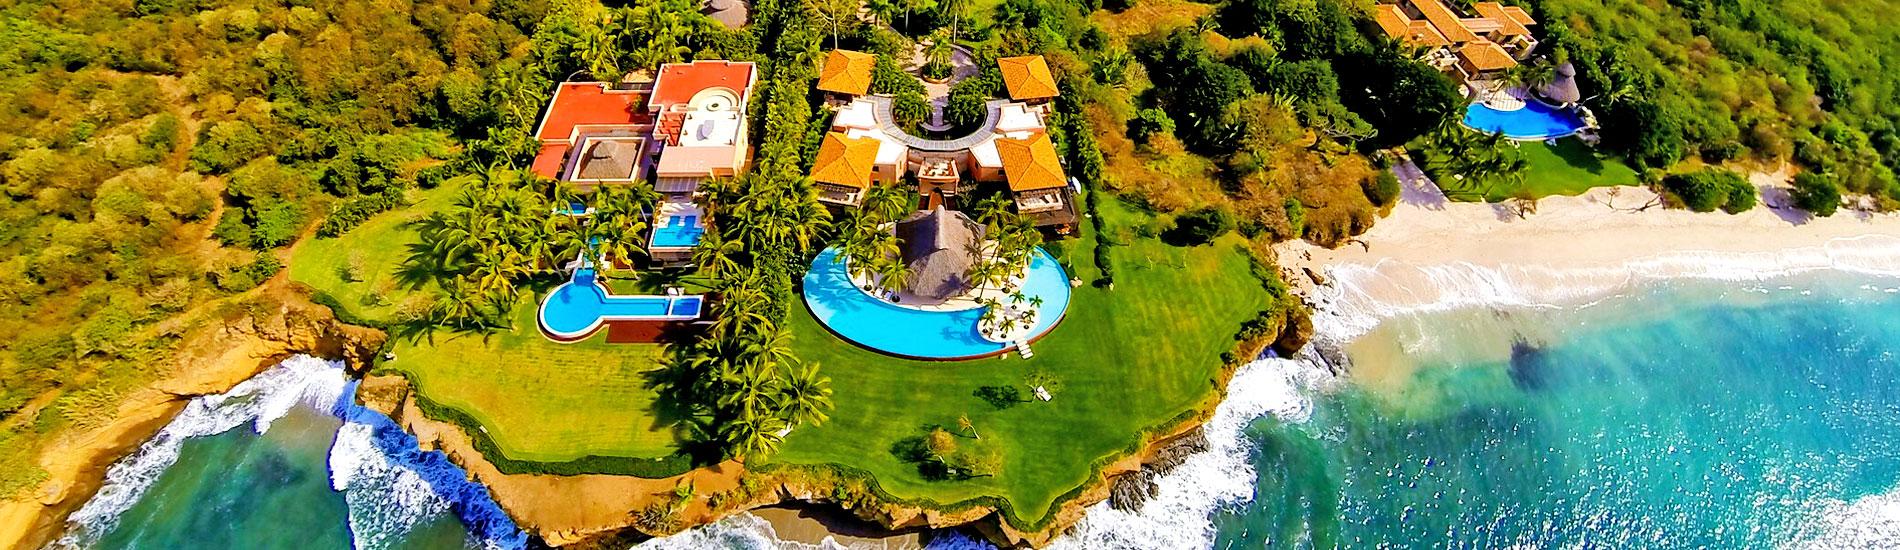 celebrity villas mexico